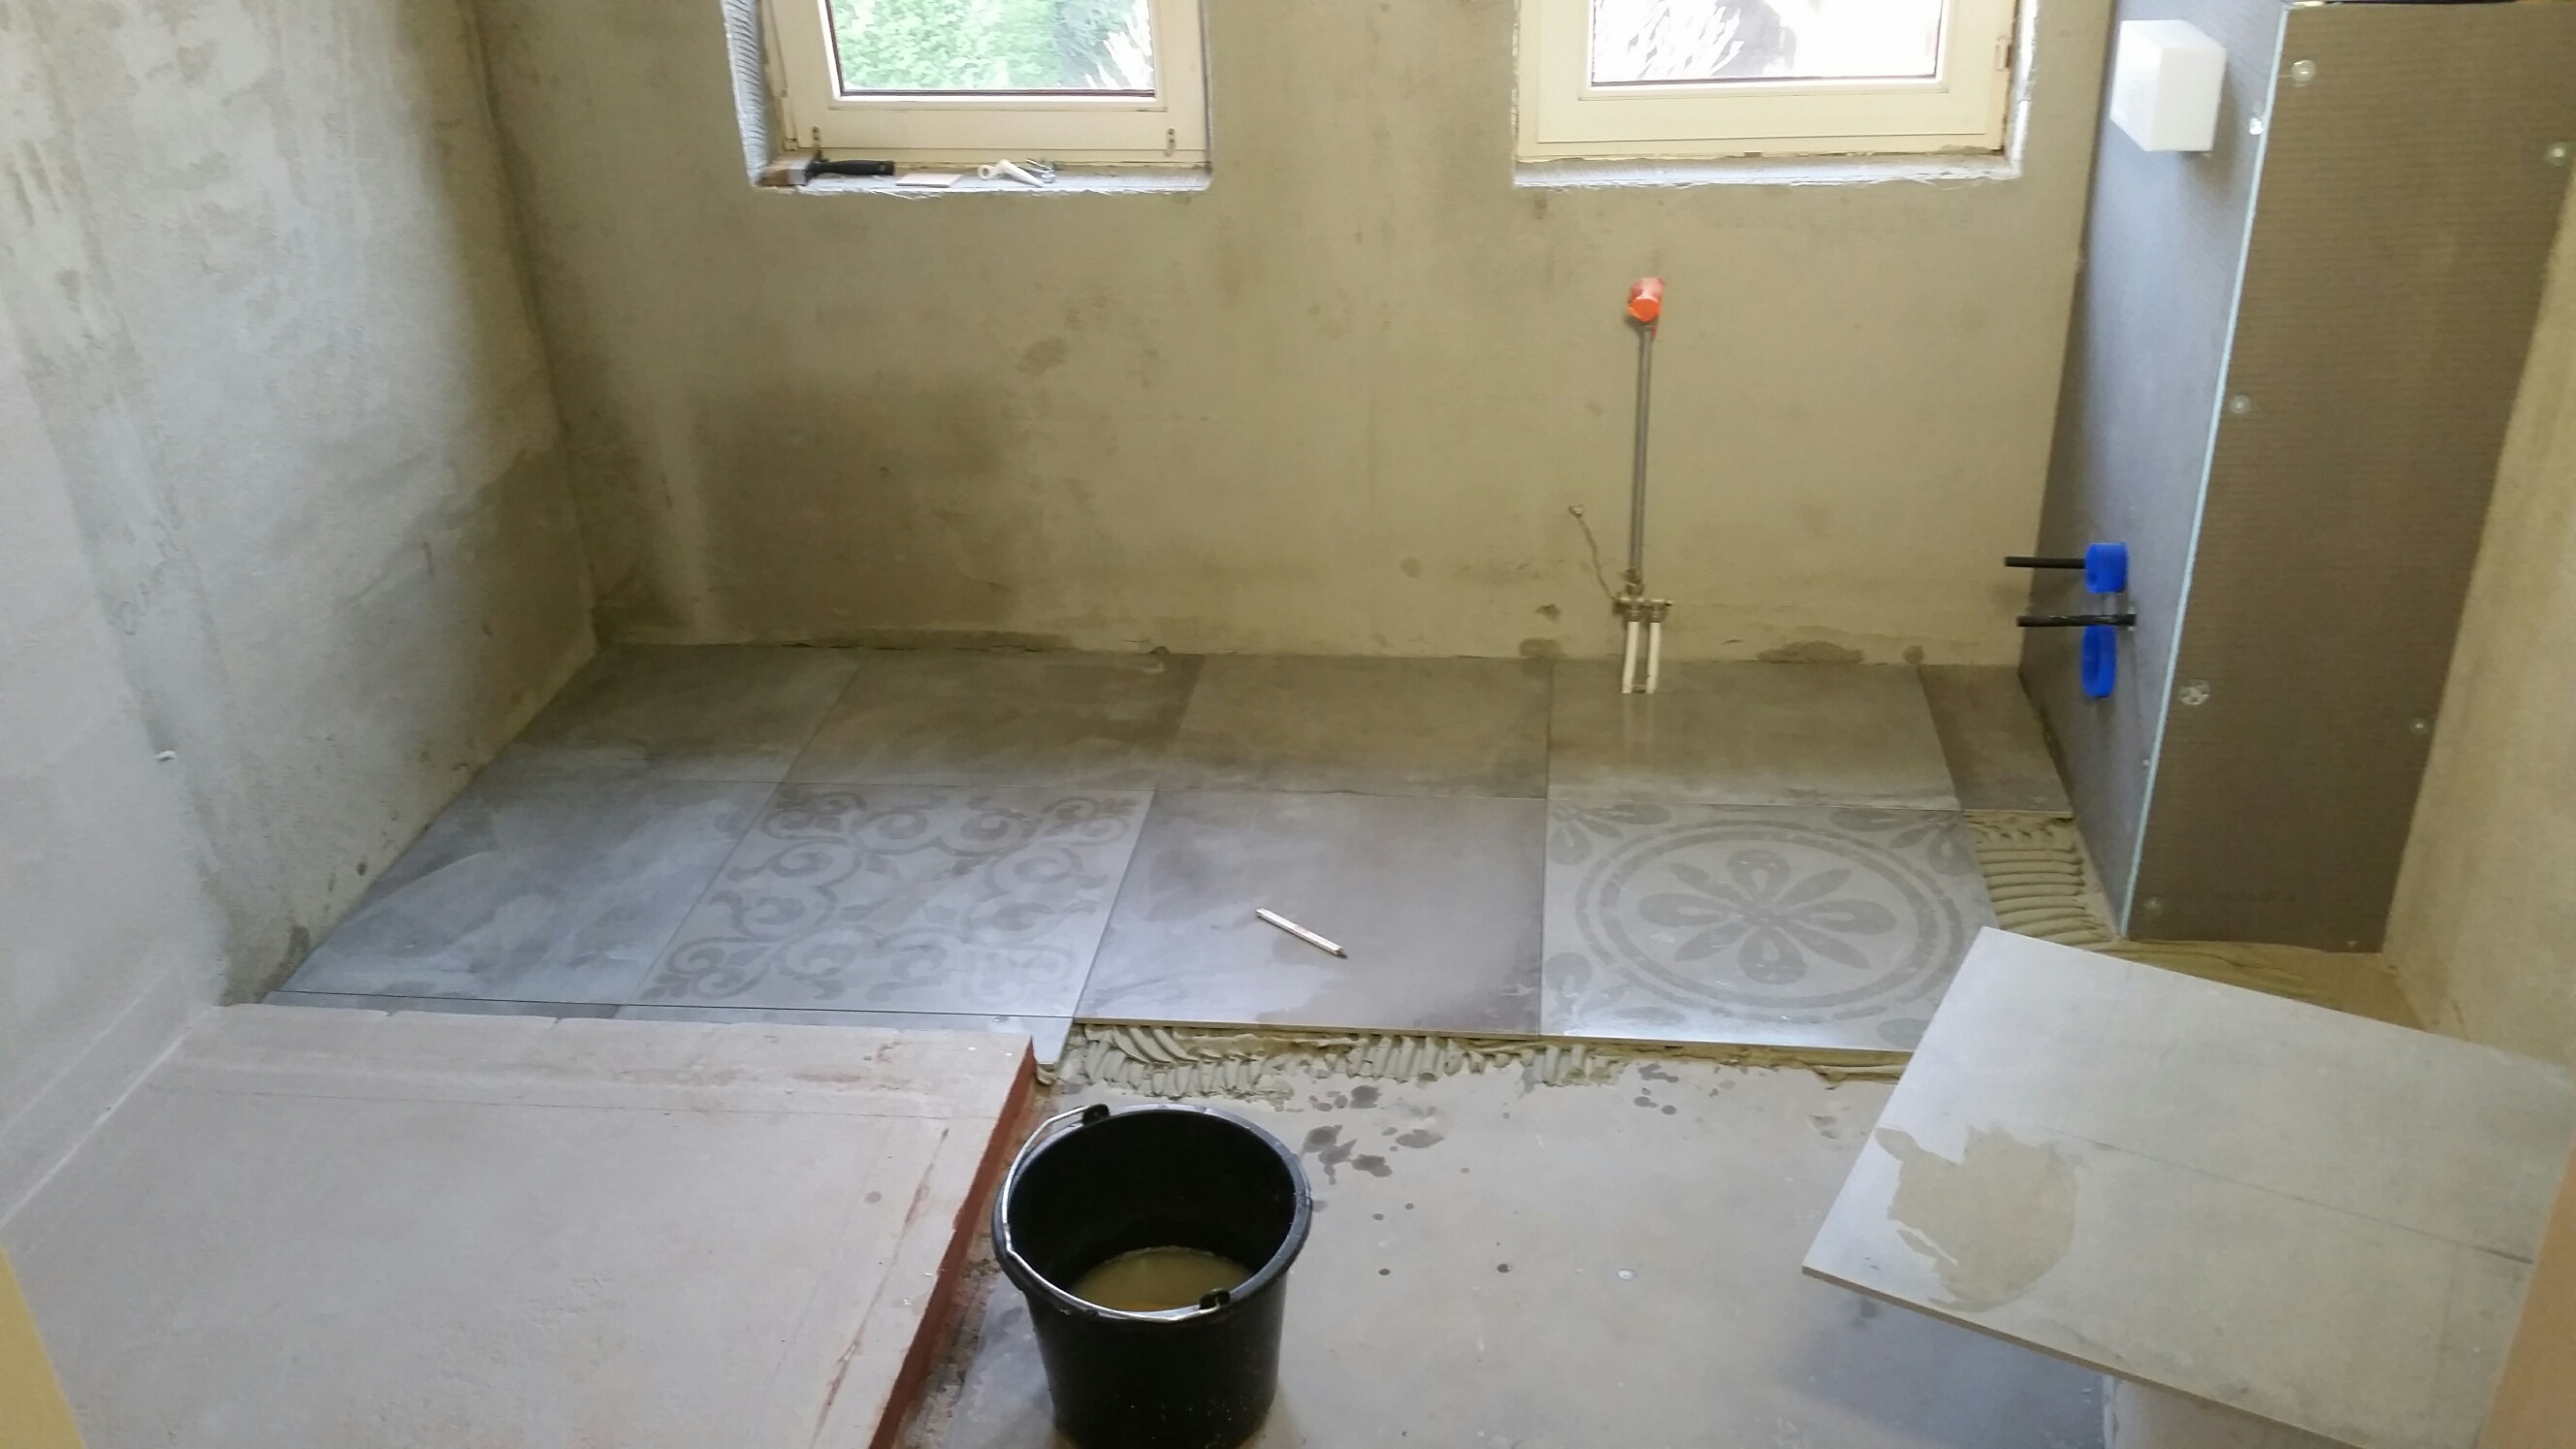 totale badkamer renoveren in Breskens – Klusbedrijf Styn Vandepitte